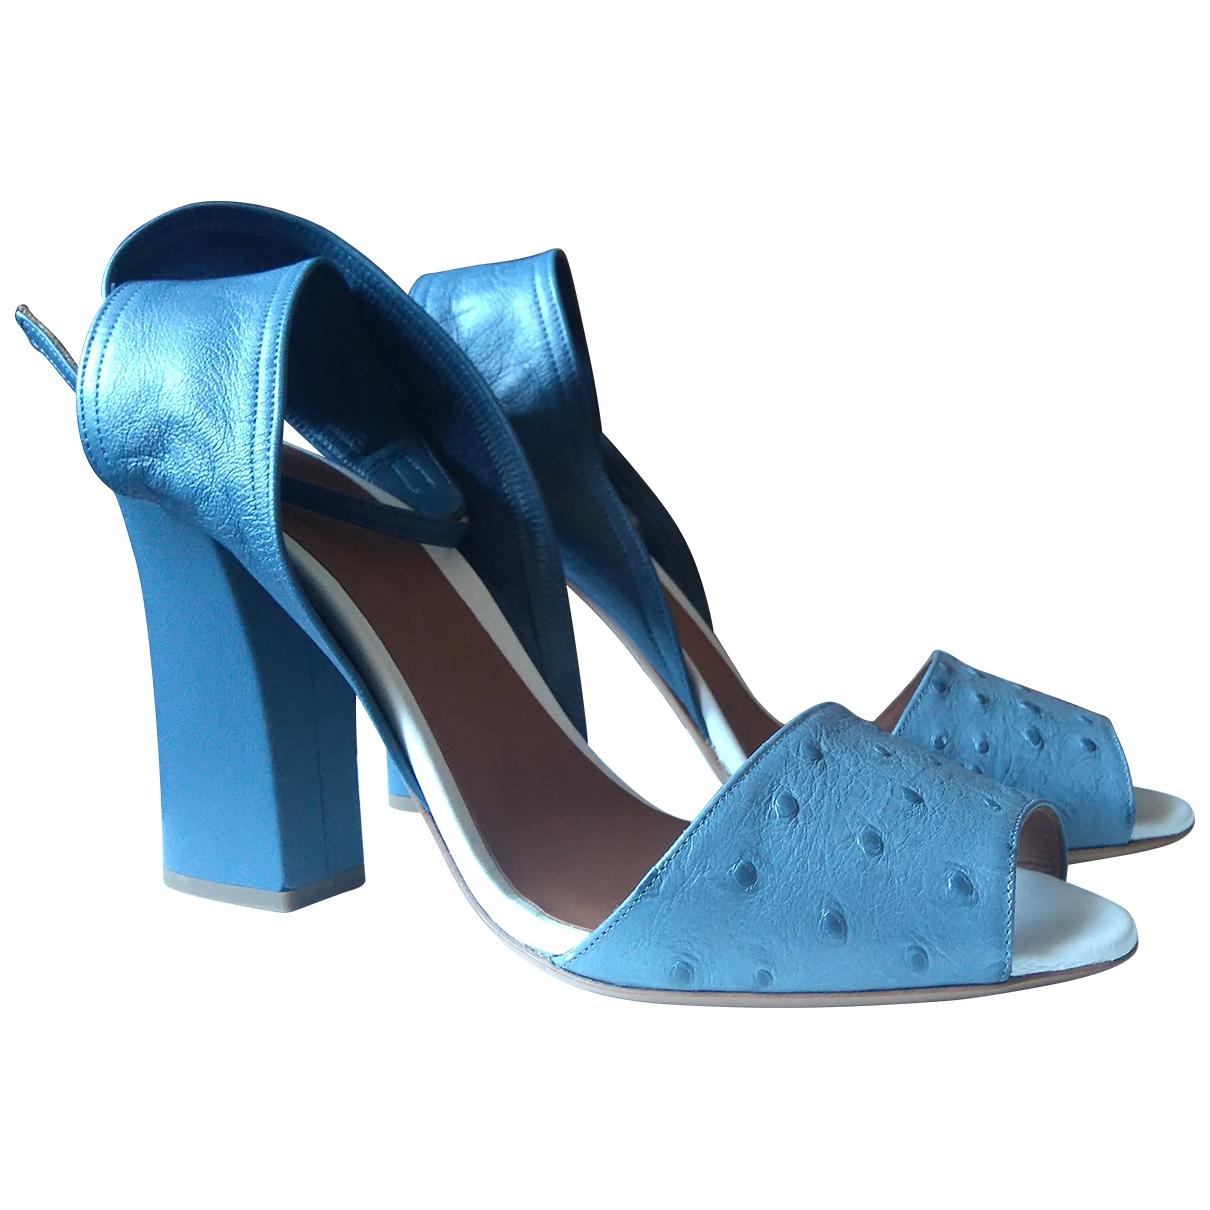 Emporio Armani - Sandales   pour femme en autruche - bleu